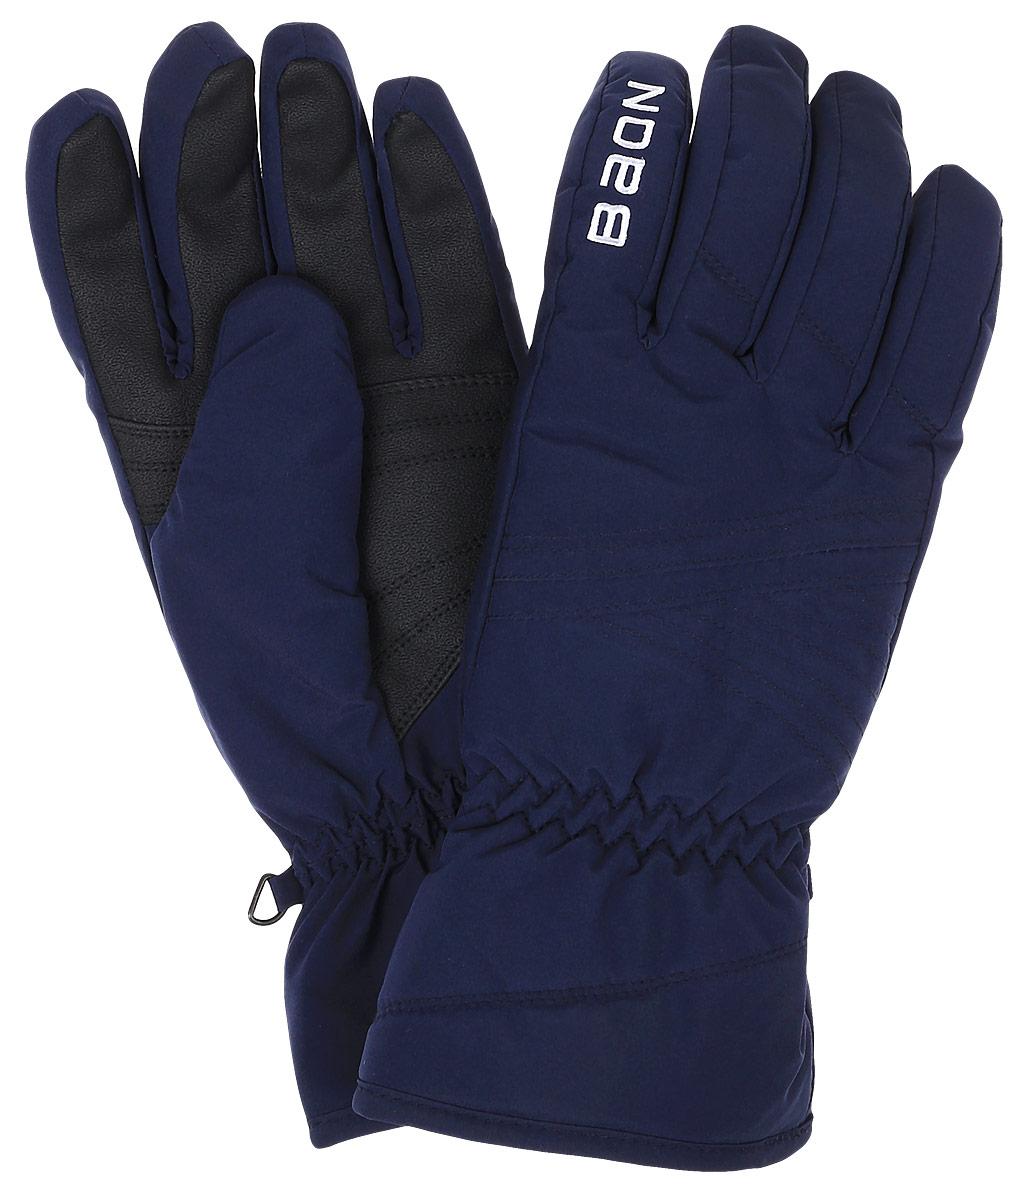 ПерчаткиB366519_BLACKЖенские перчатки Baon выполнены из полиэстера. На запястьях изделия дополнены эластичными резинками. Подкладка выполнена из мягкого полиэстера. Для удобного хранения перчатки оснащены пластиковой застежкой, соединяющей их вместе.